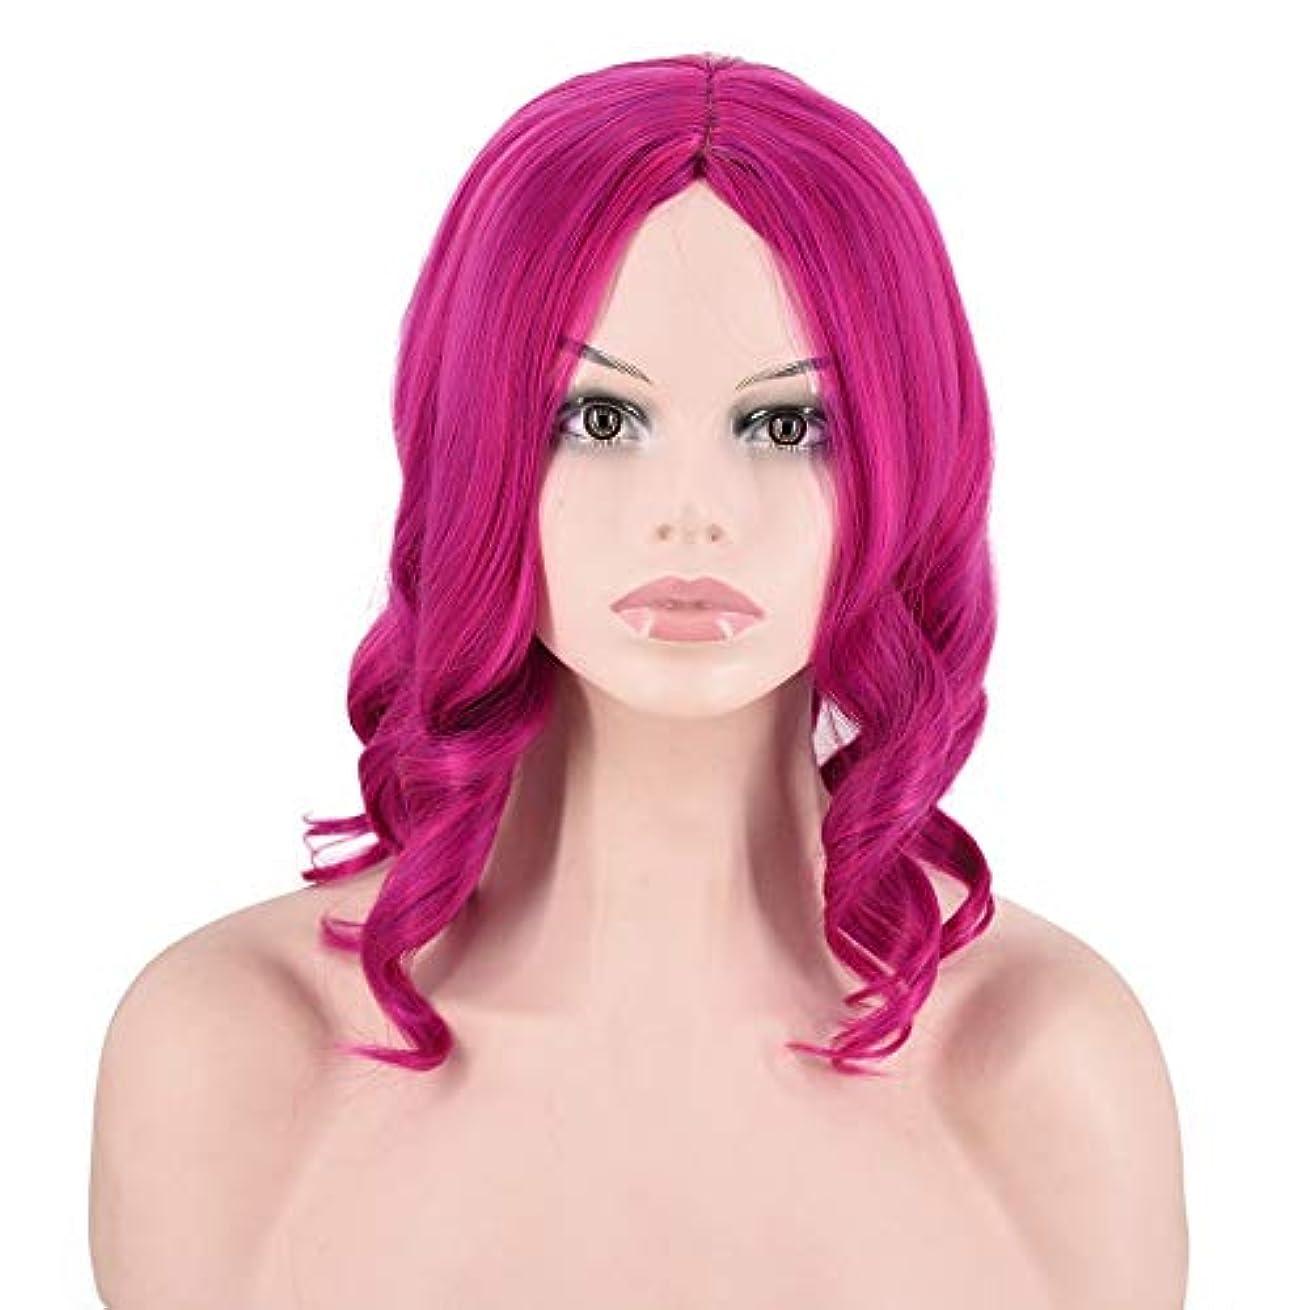 衣類いろいろミルYOUQIU 女性のファッションの毎日髪のかつらのためにローズレッドコスプレウィッグカーリーボブヘアーウェーブスタイル (色 : Photo Color)